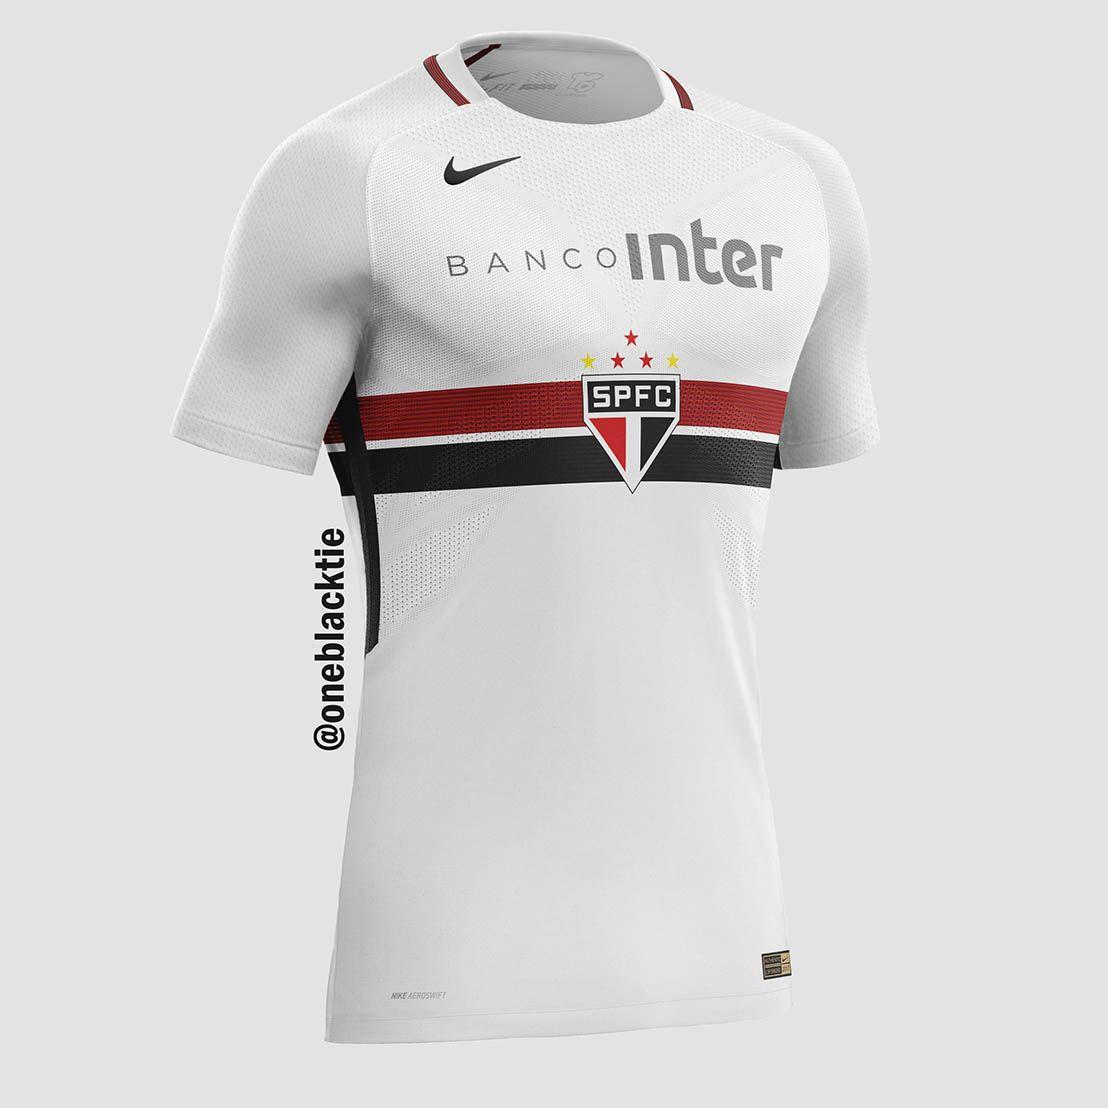 Designer cria camisas de clubes brasileiros inspiradas na Nike - Parte 02 -  Show de Camisas f083de1f6cb5b